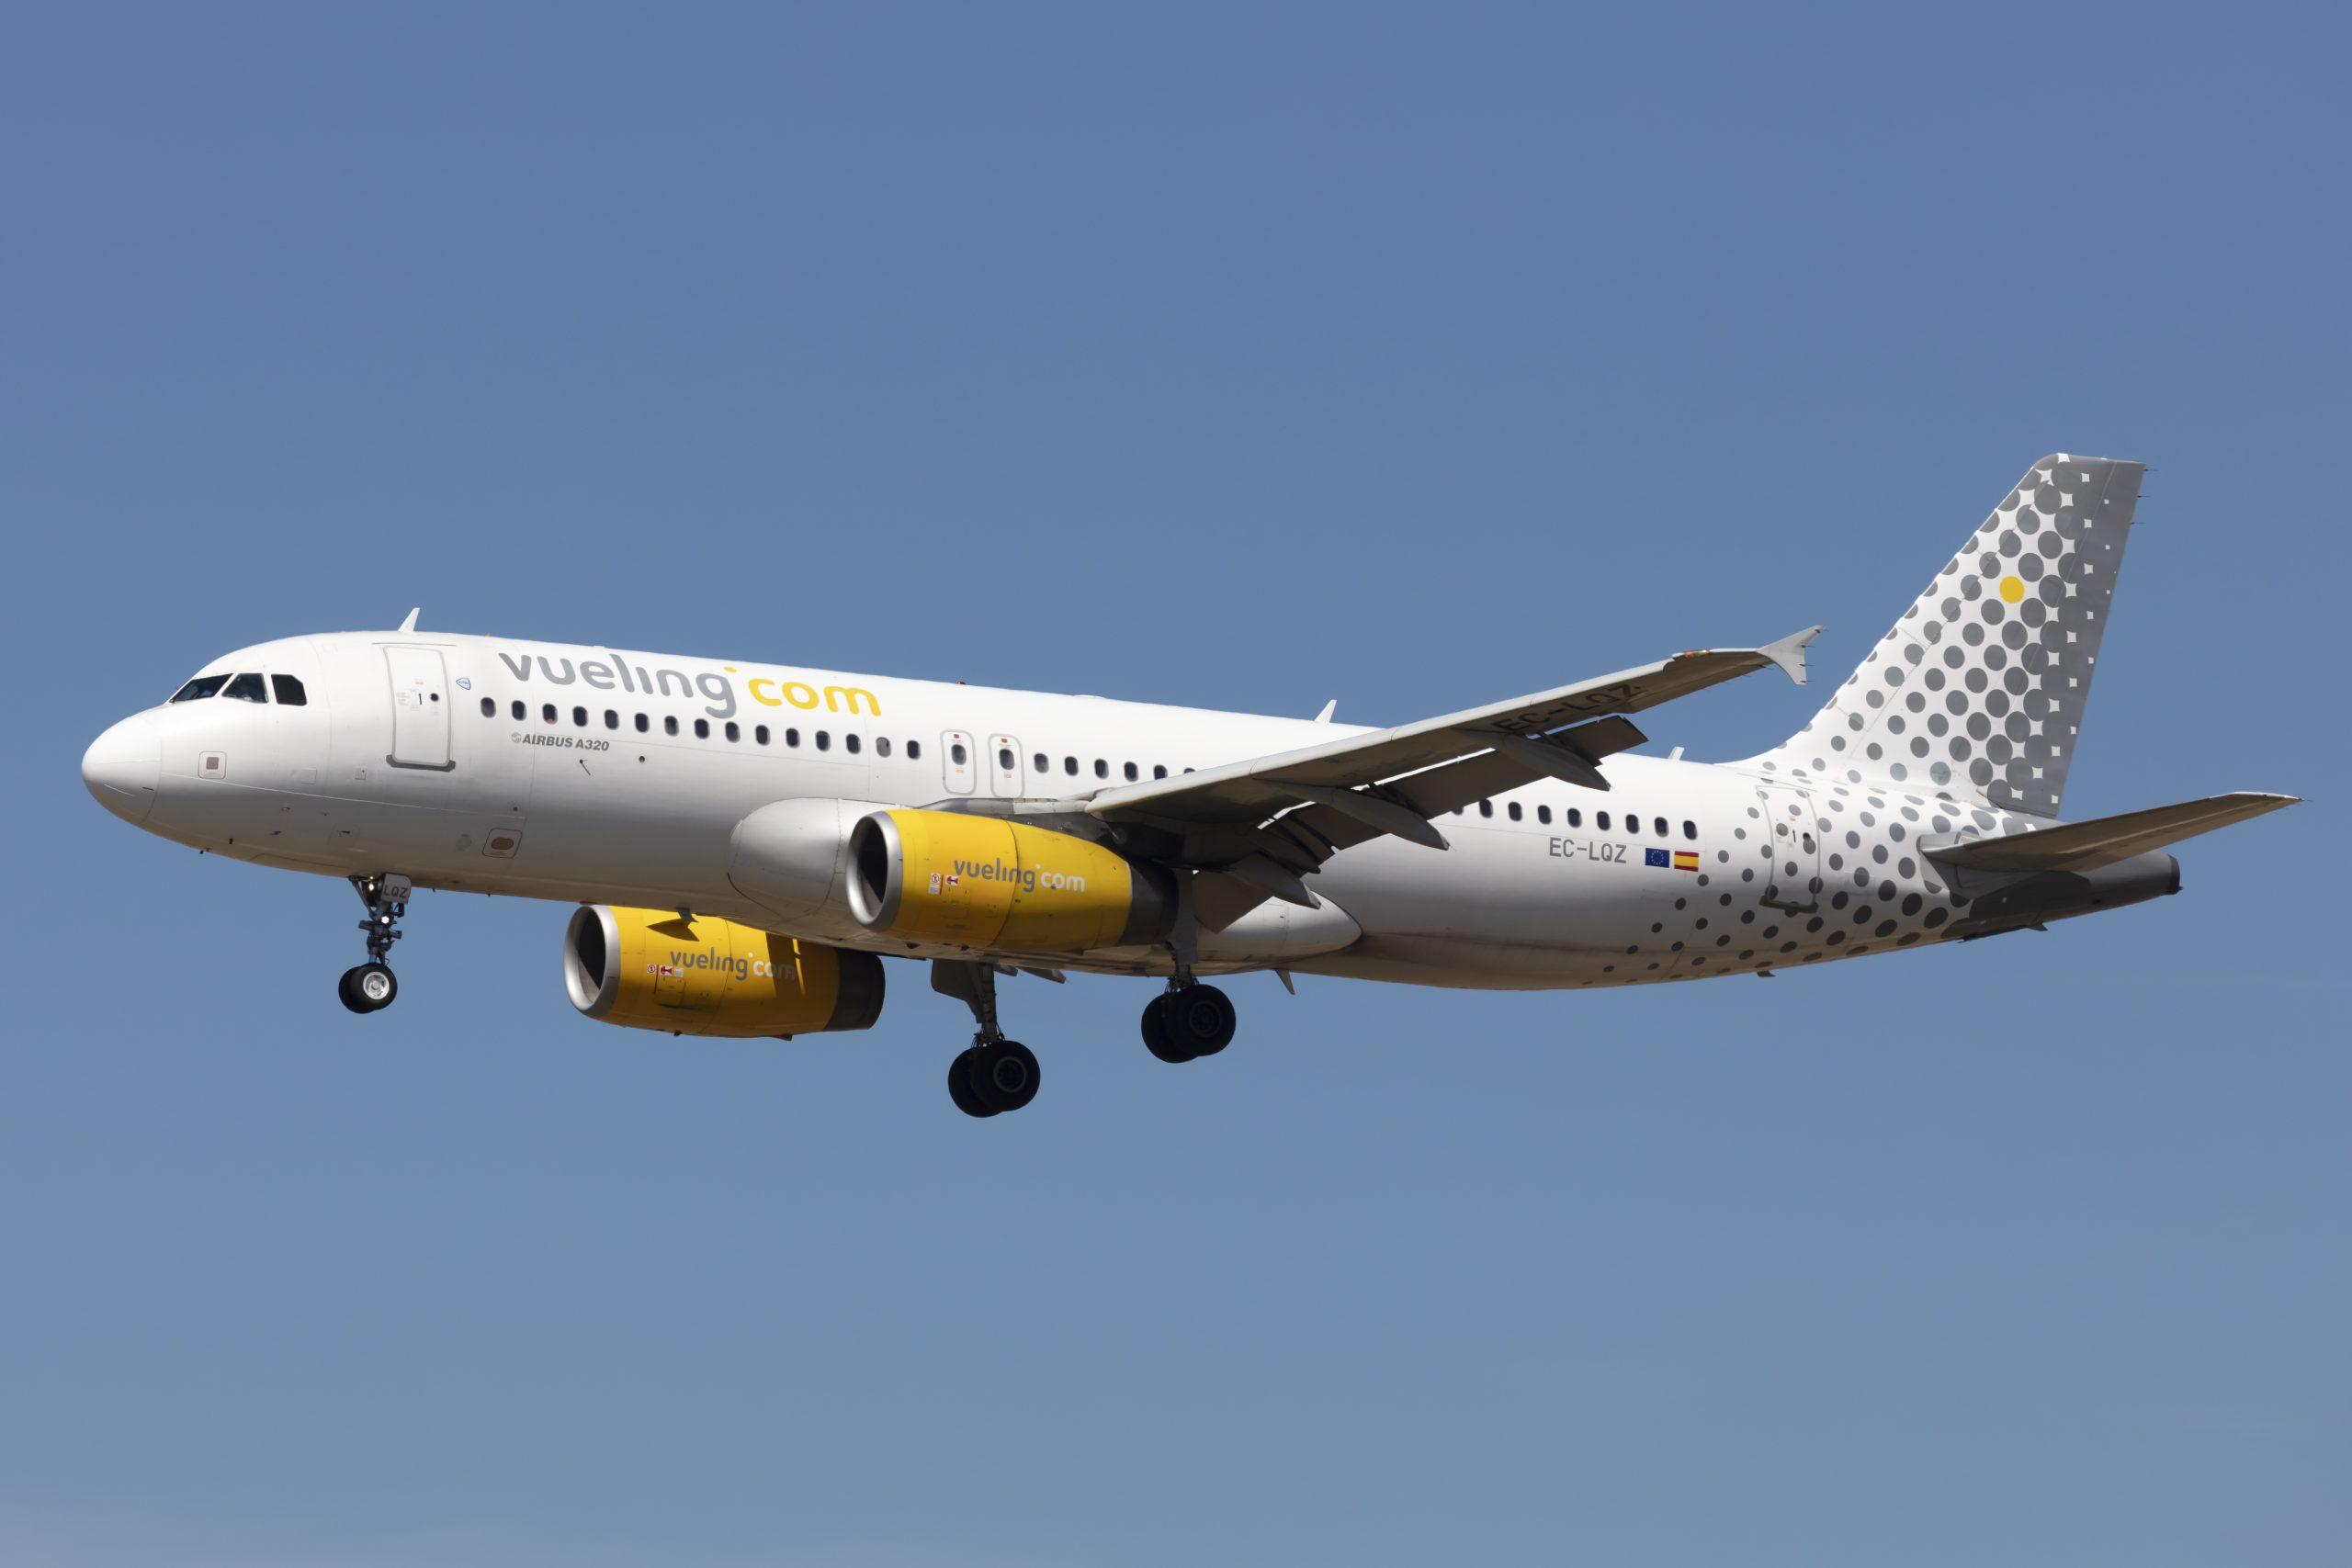 Airbus A320-200 fra Vueling. (Foto: (Foto: © Thorbjørn Brunander Sund, Danish Aviation Photo)